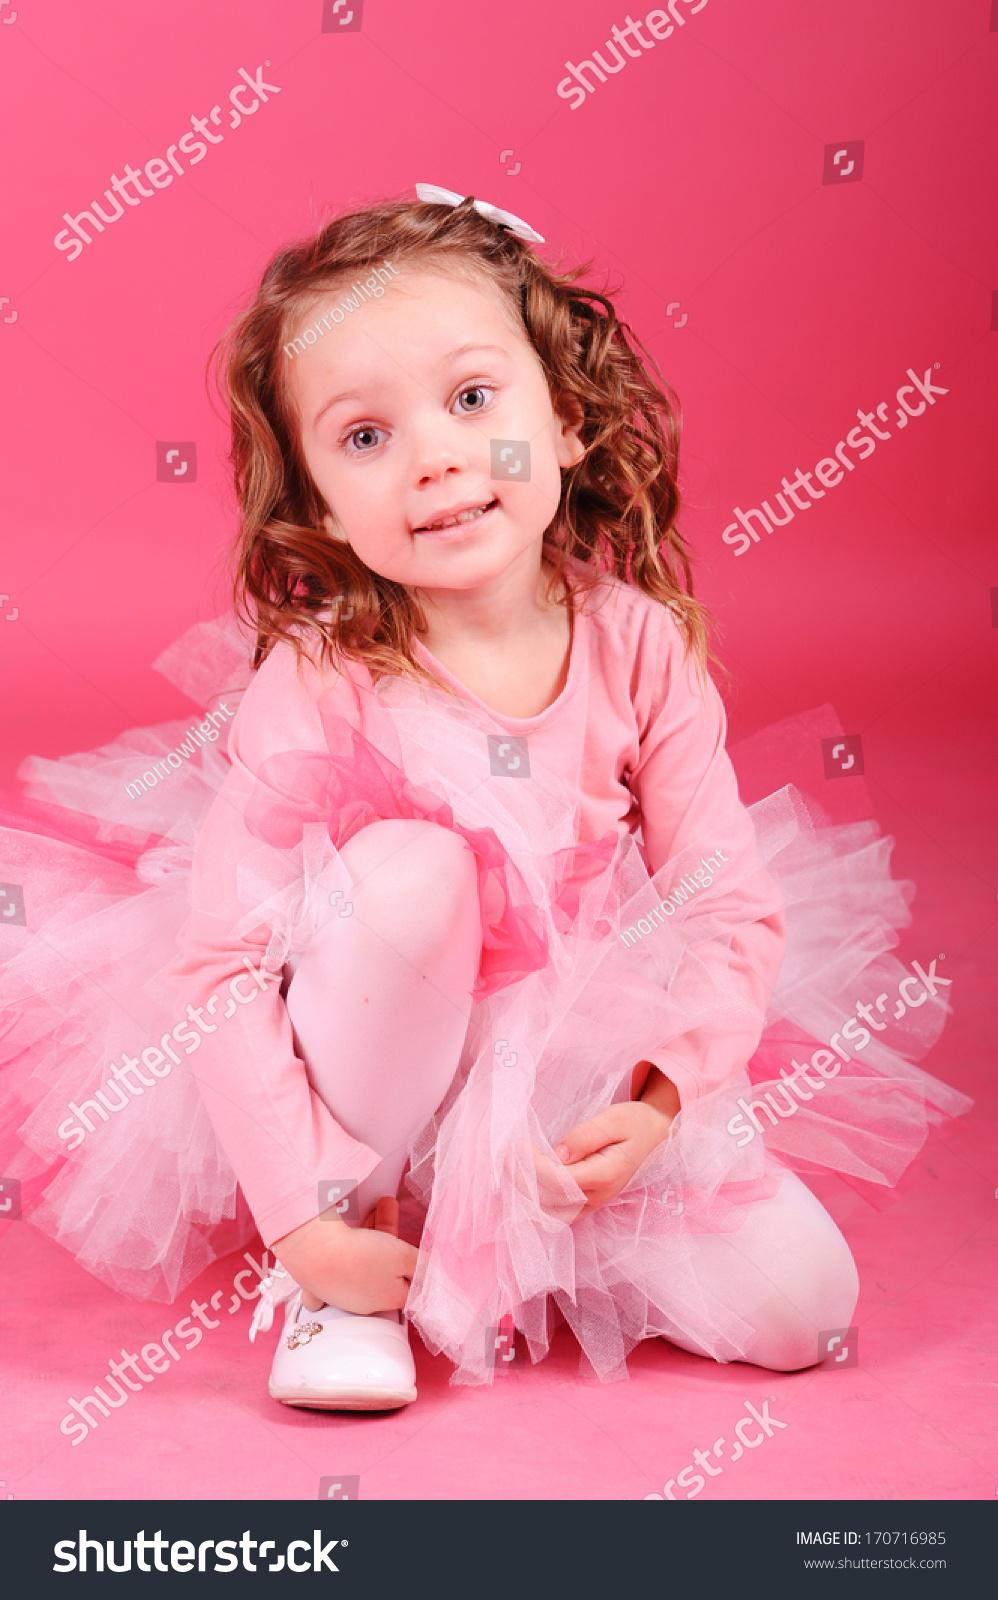 微笑的可爱女孩坐在粉红色背景